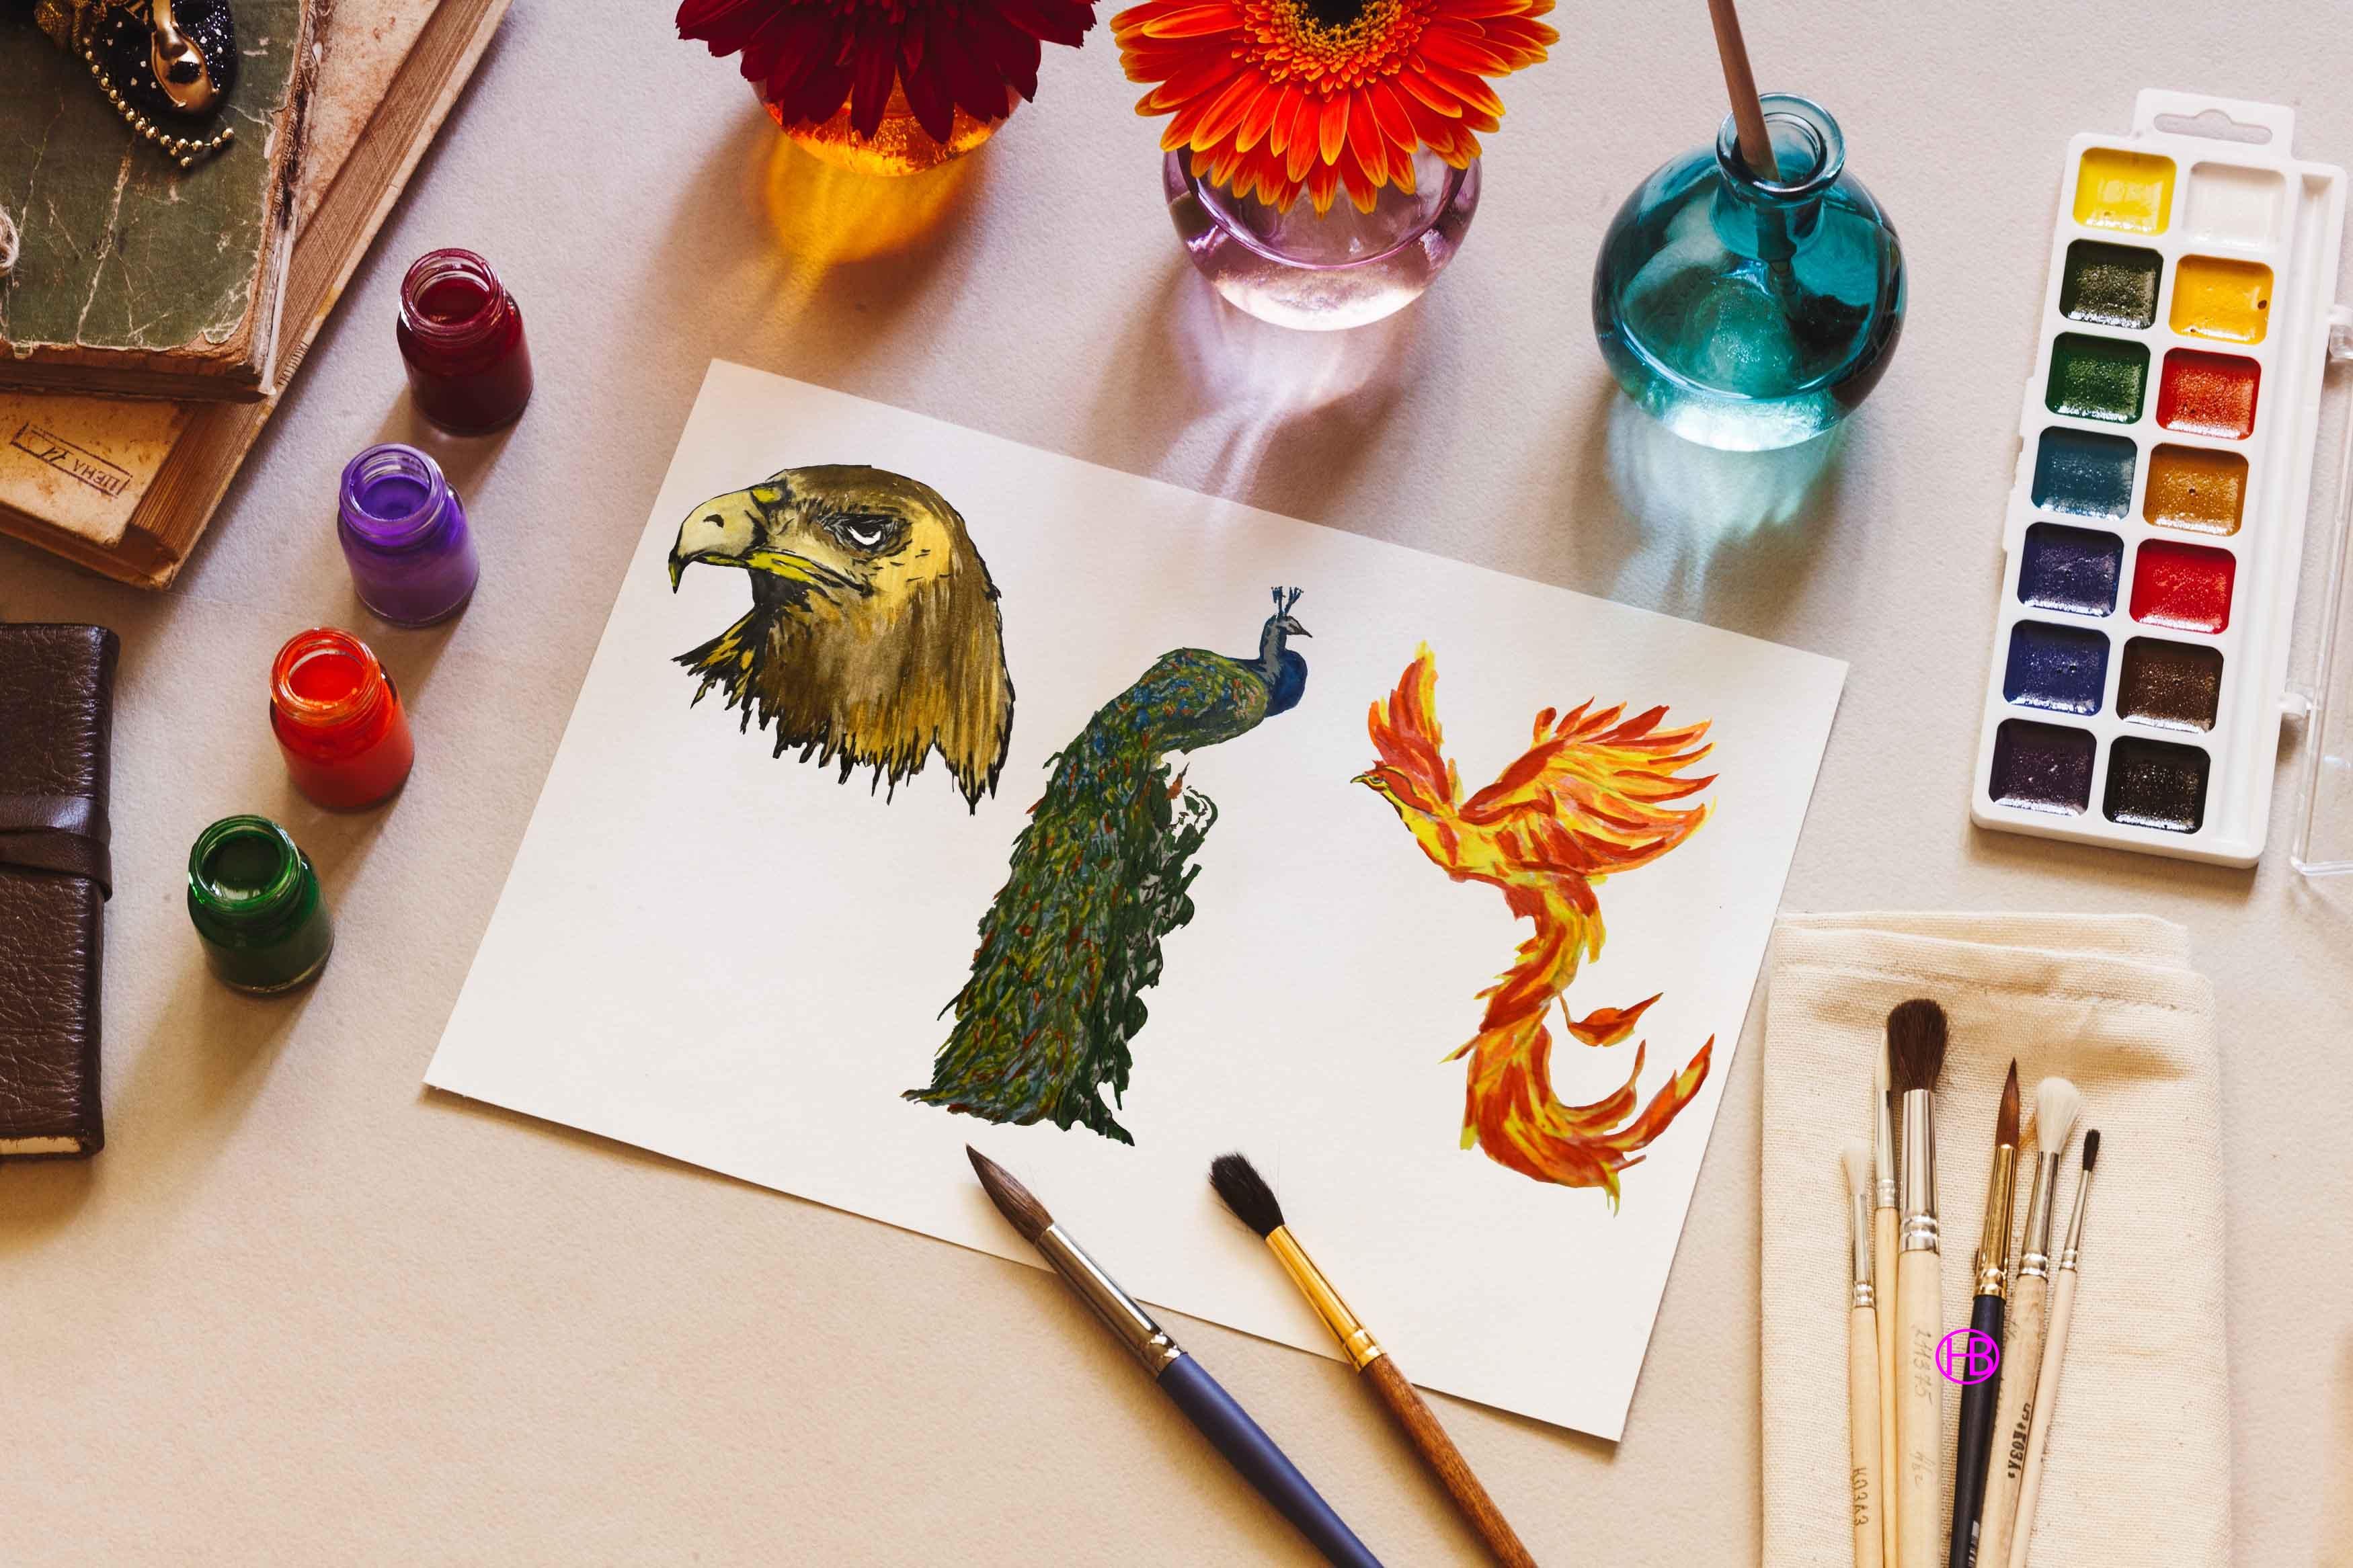 Bộ Brush màu nước về loài chim dành cho designer